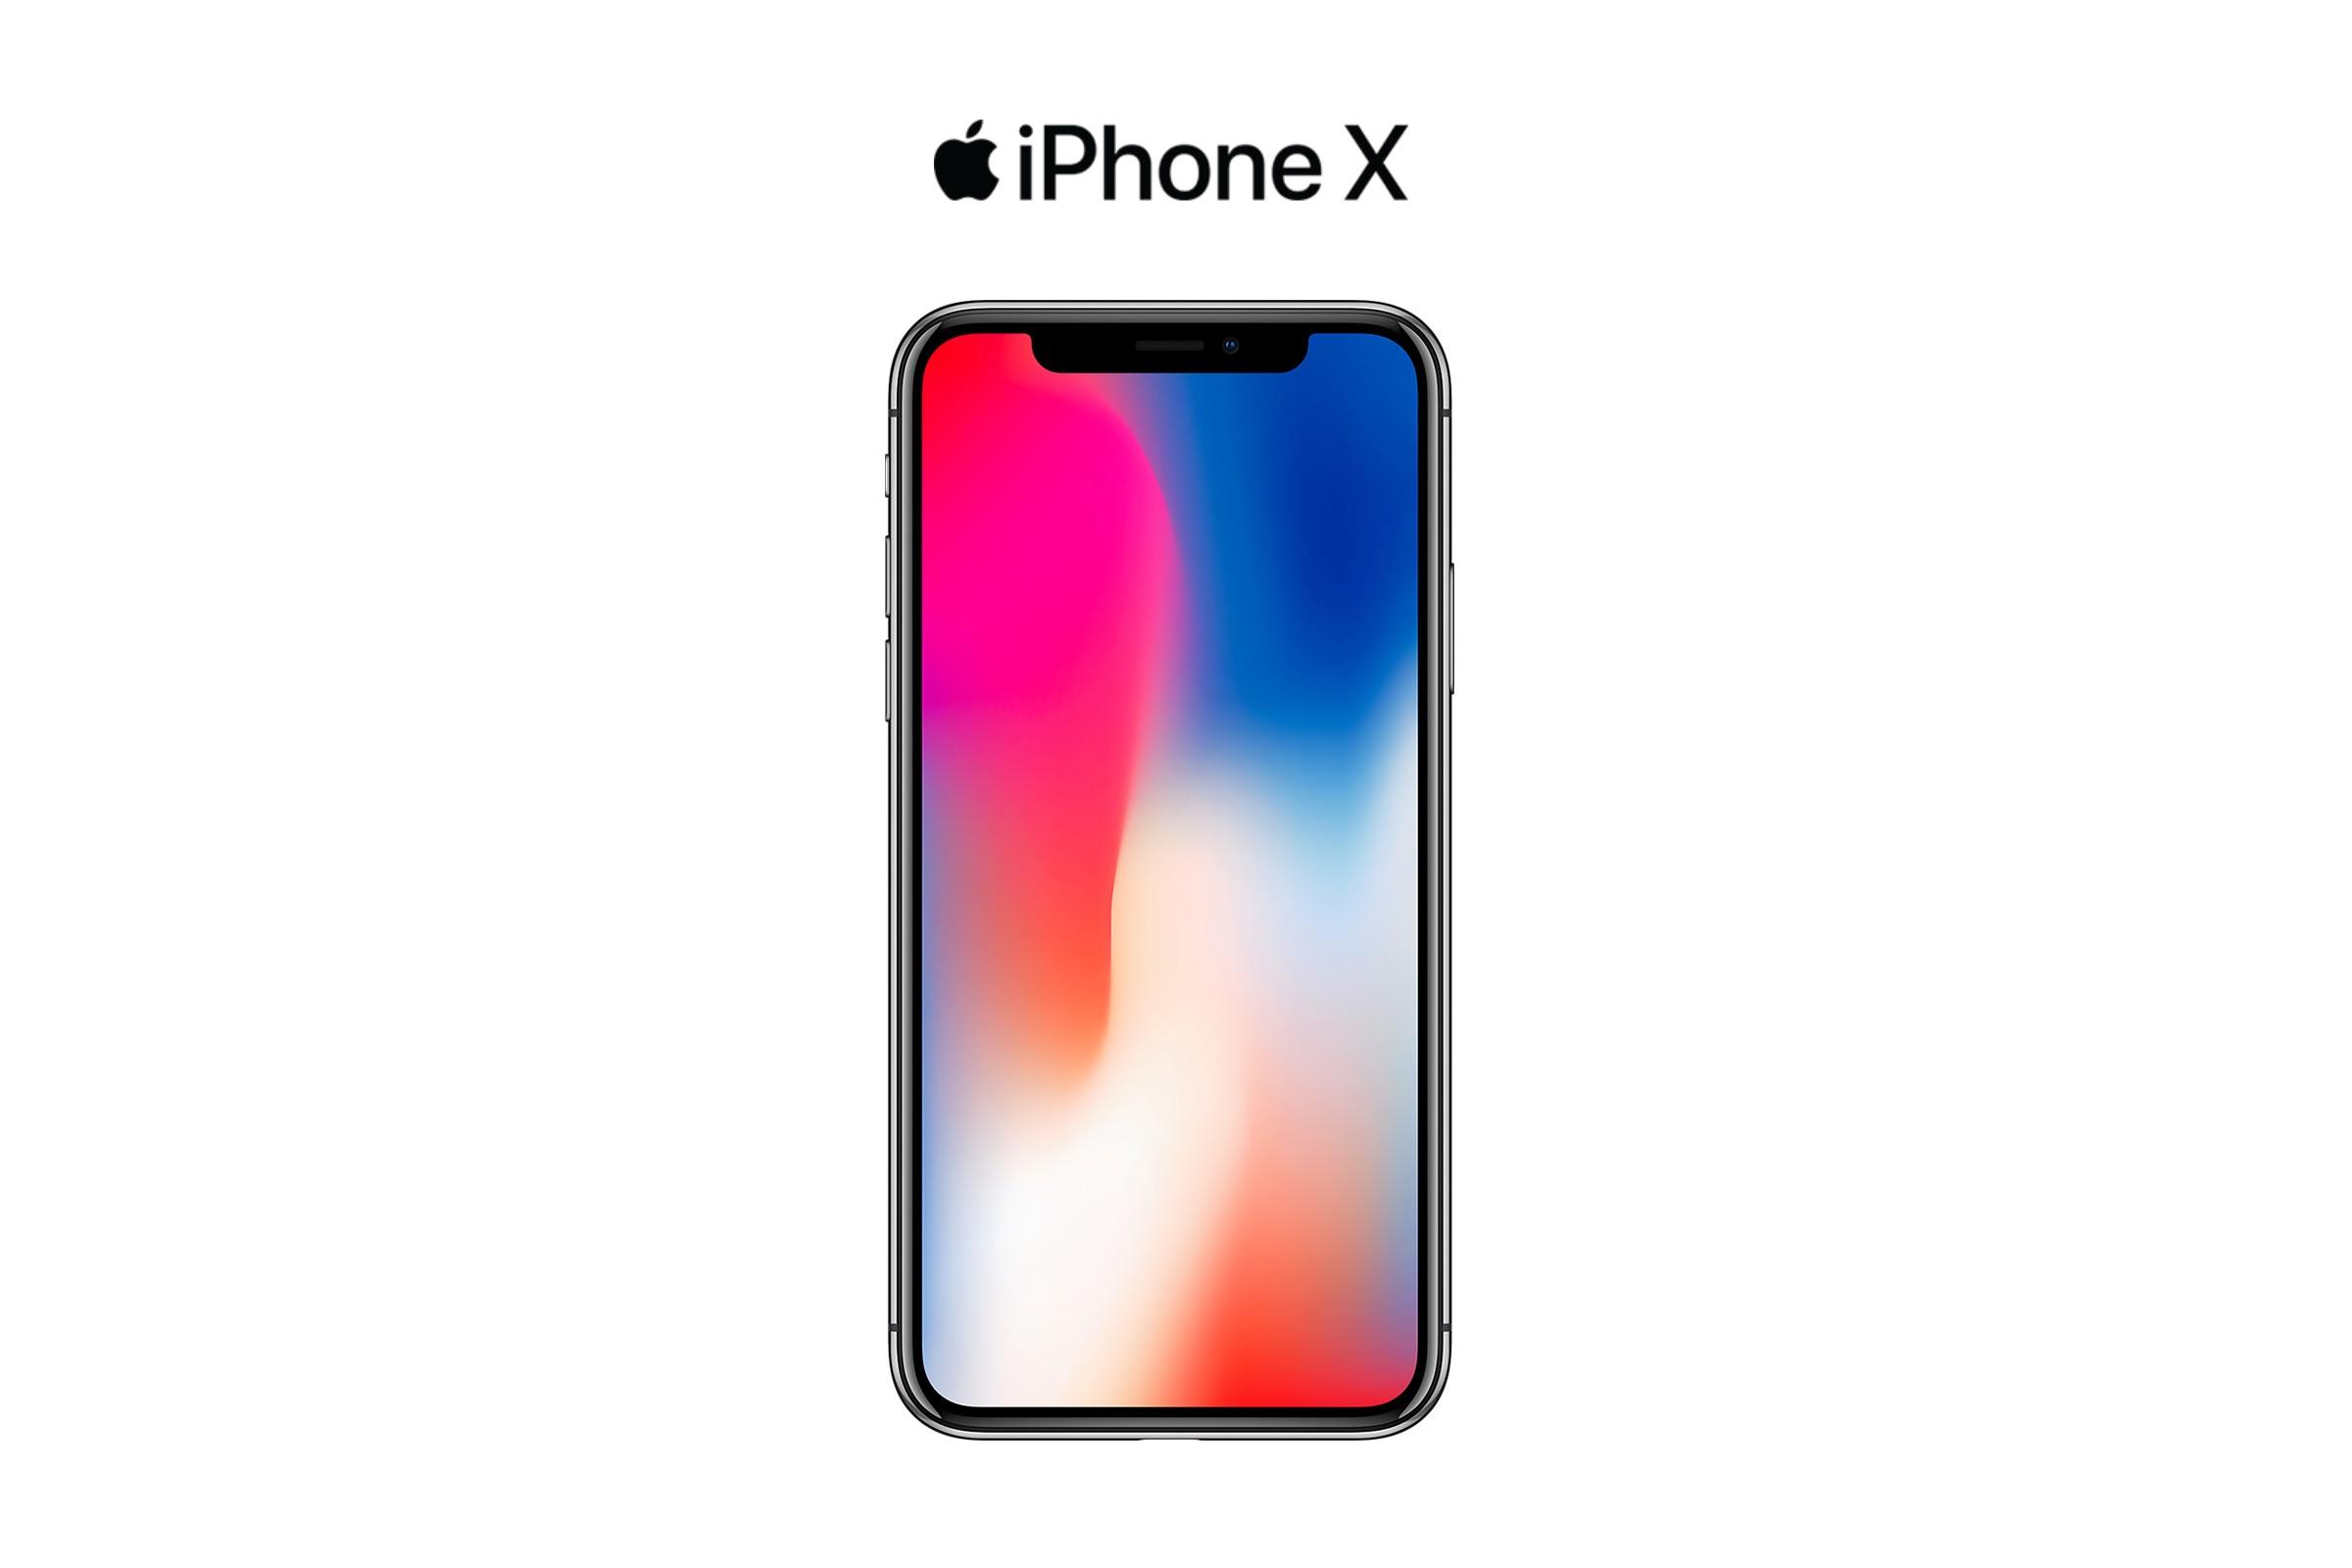 ソフトバンク、iPhone Xの販売価格を発表!実質負担額は1,125円から